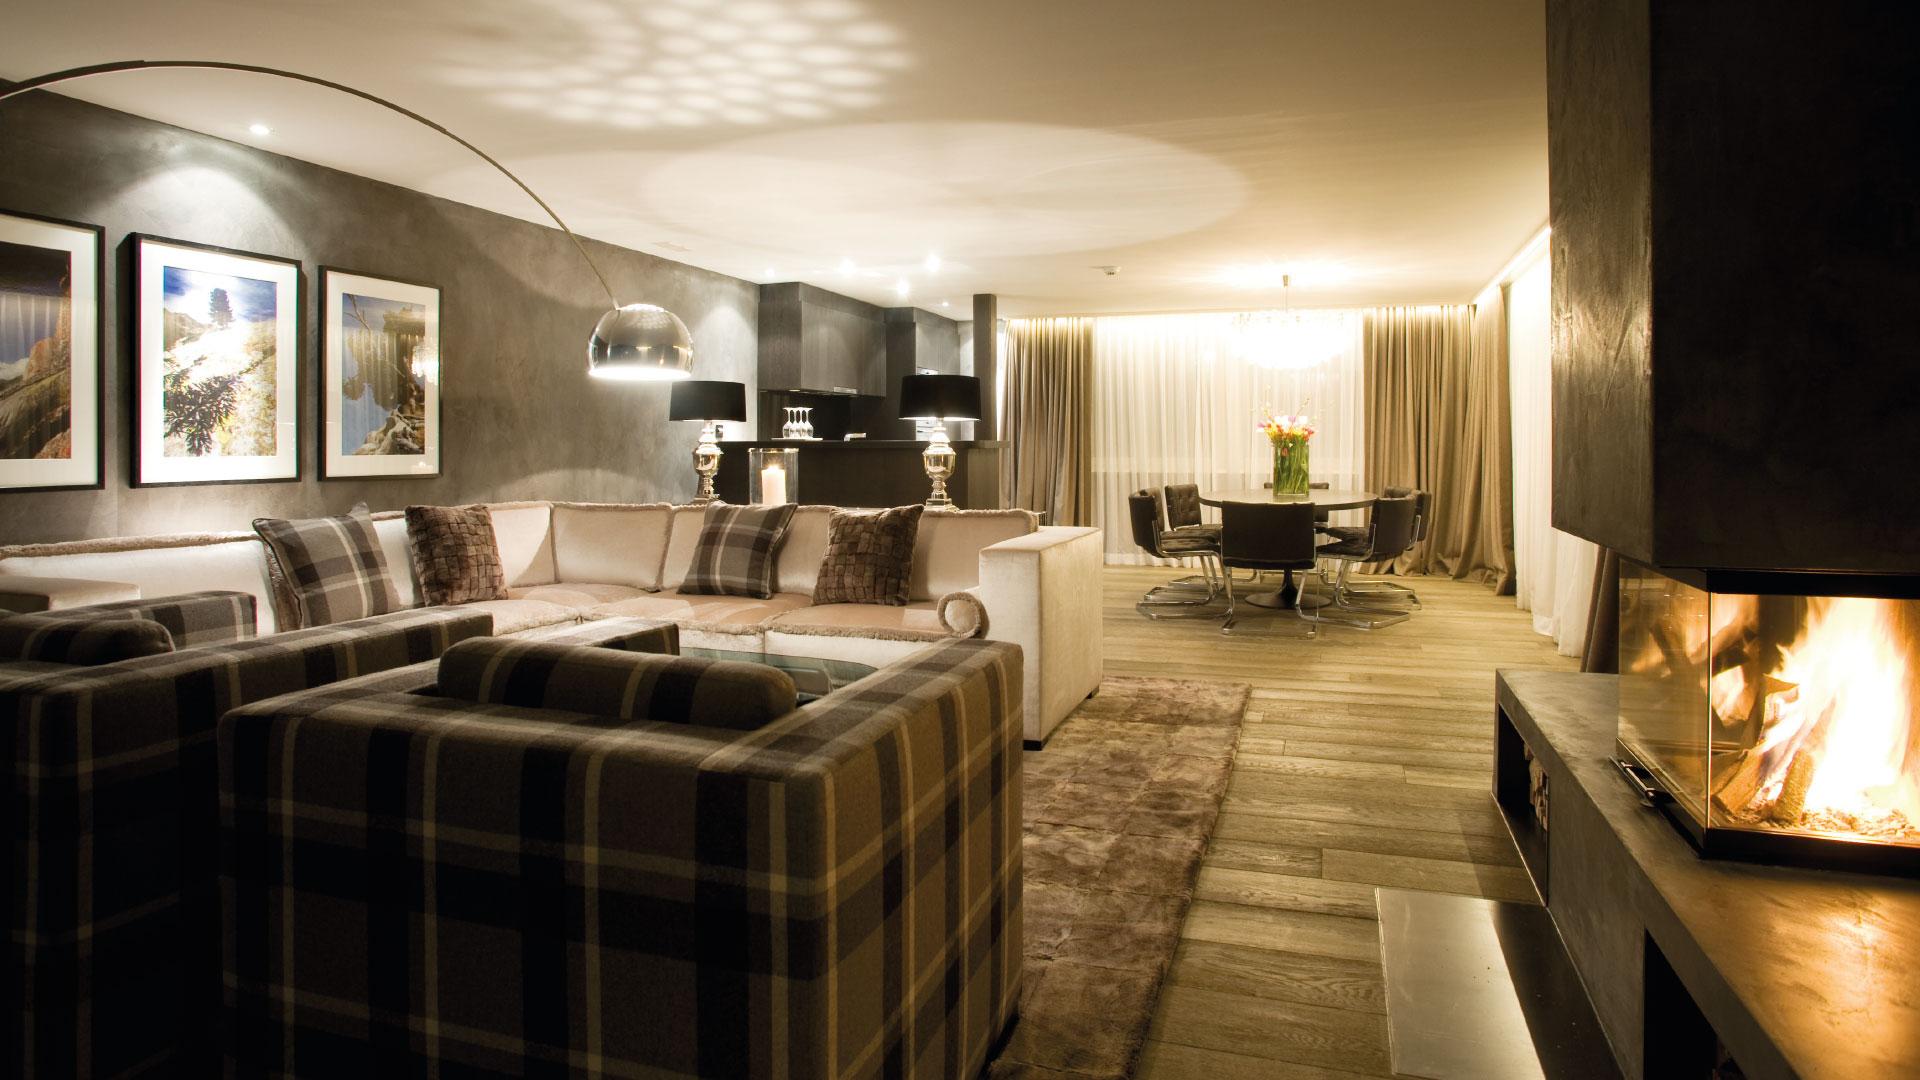 artomis gmbh  möbel - gastro - einrichtungen  Grand Hotel Grischa